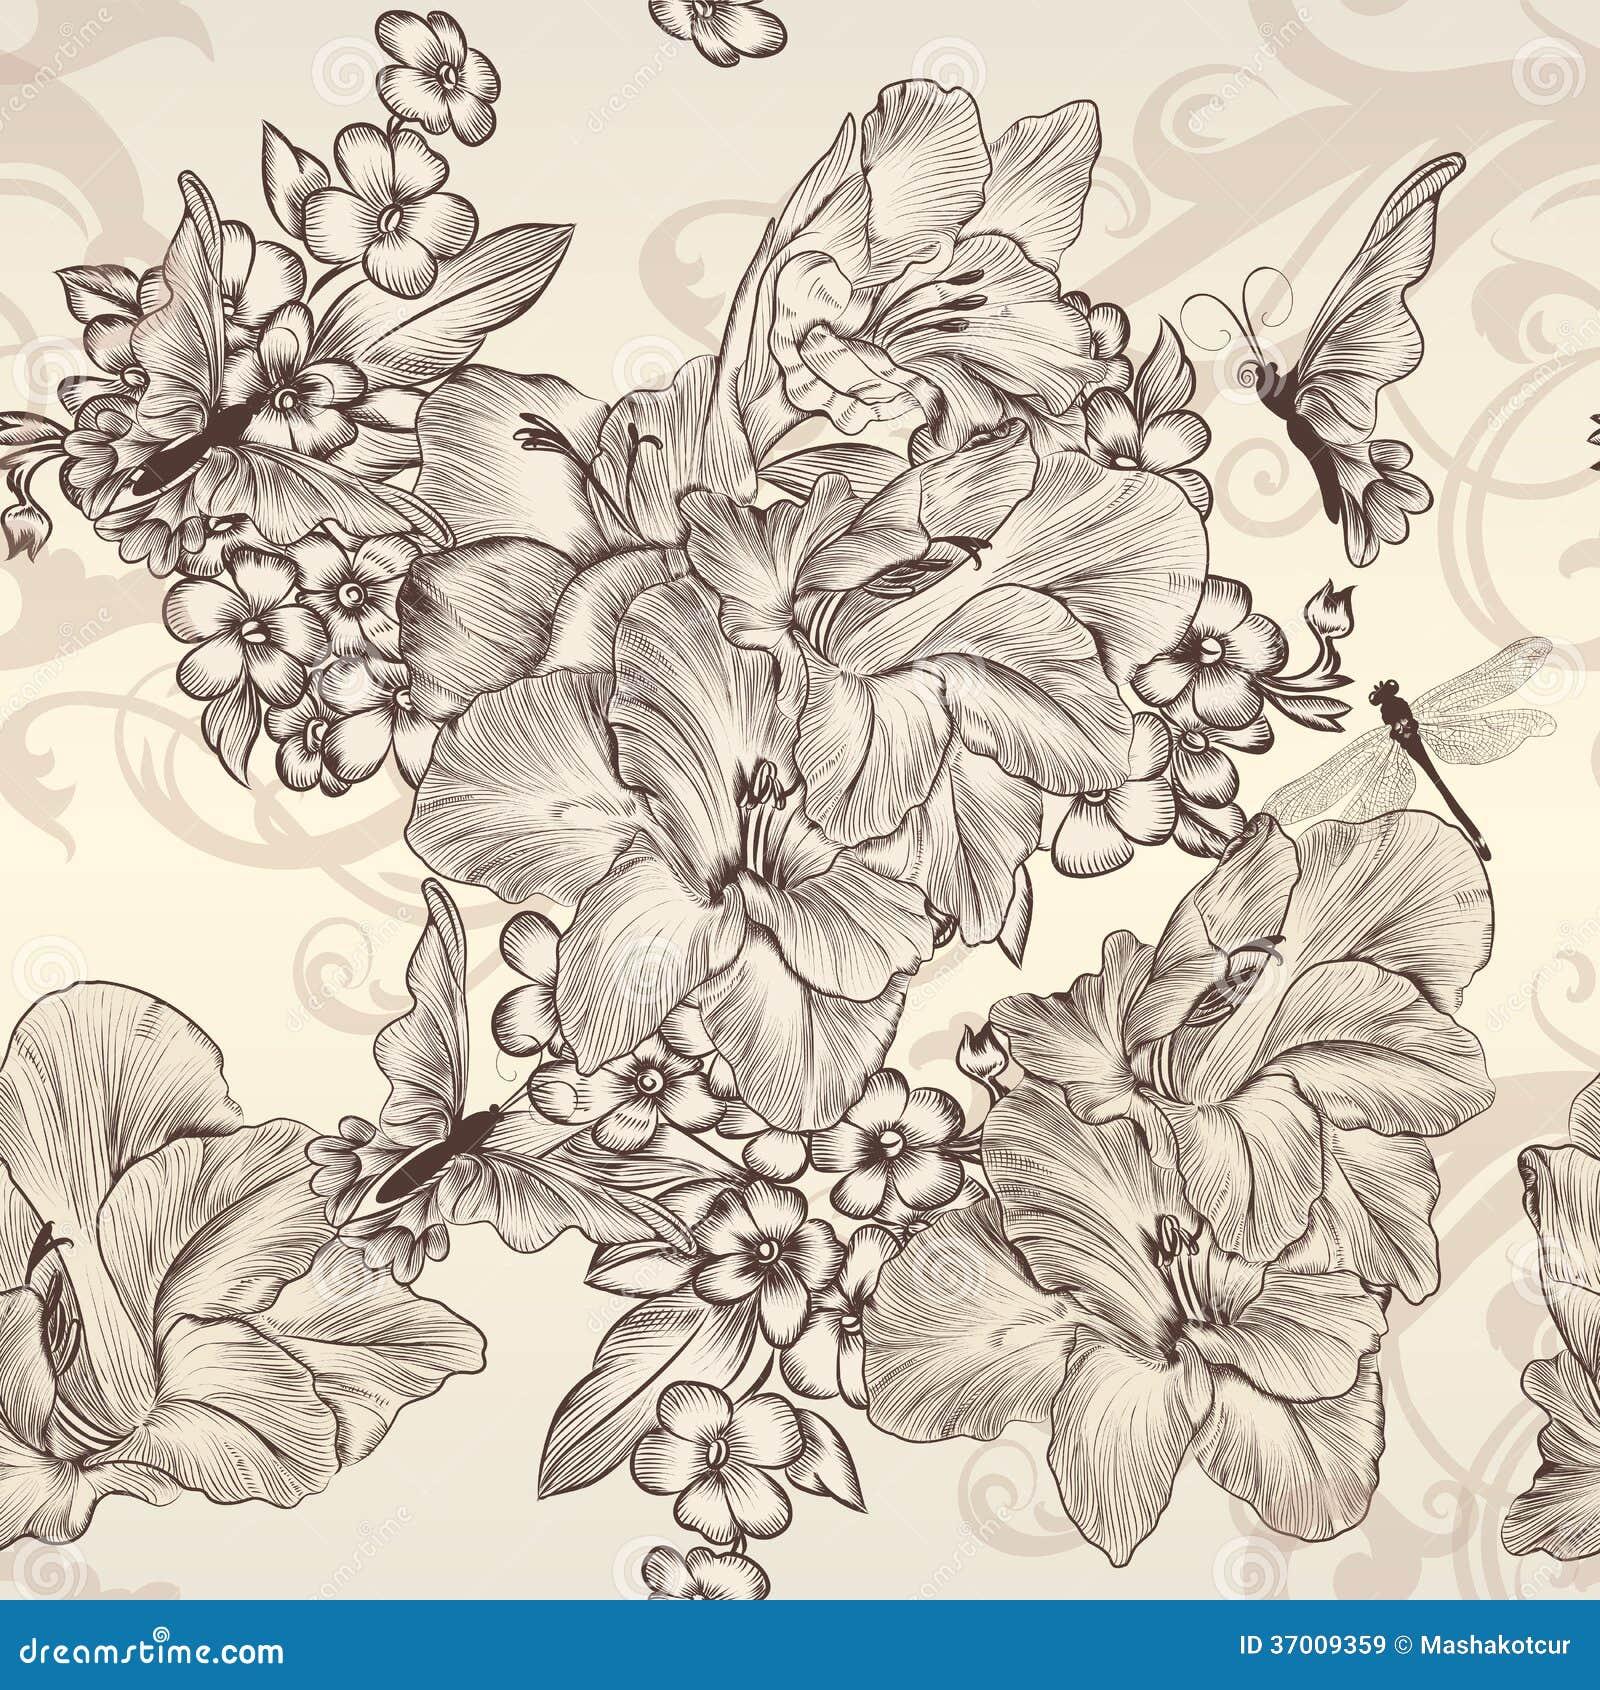 Mooi vector naadloos behang met bloemen in uitstekende styl royalty vrije stock afbeeldingen - Behang grafisch ontwerp ...